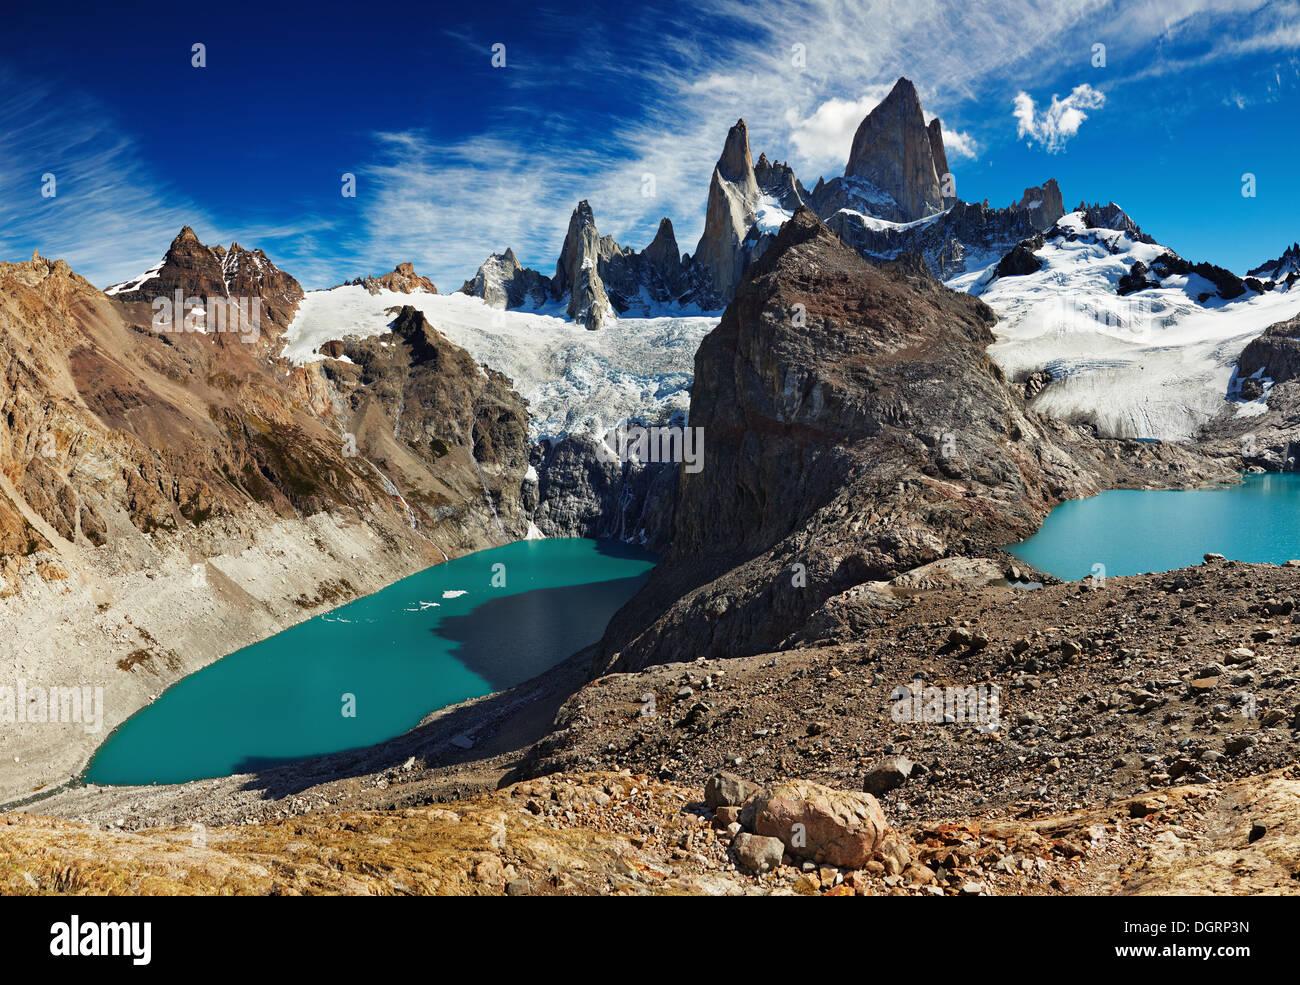 Laguna de los Tres et Laguna Sucia, Patagonie, Argentine Photo Stock